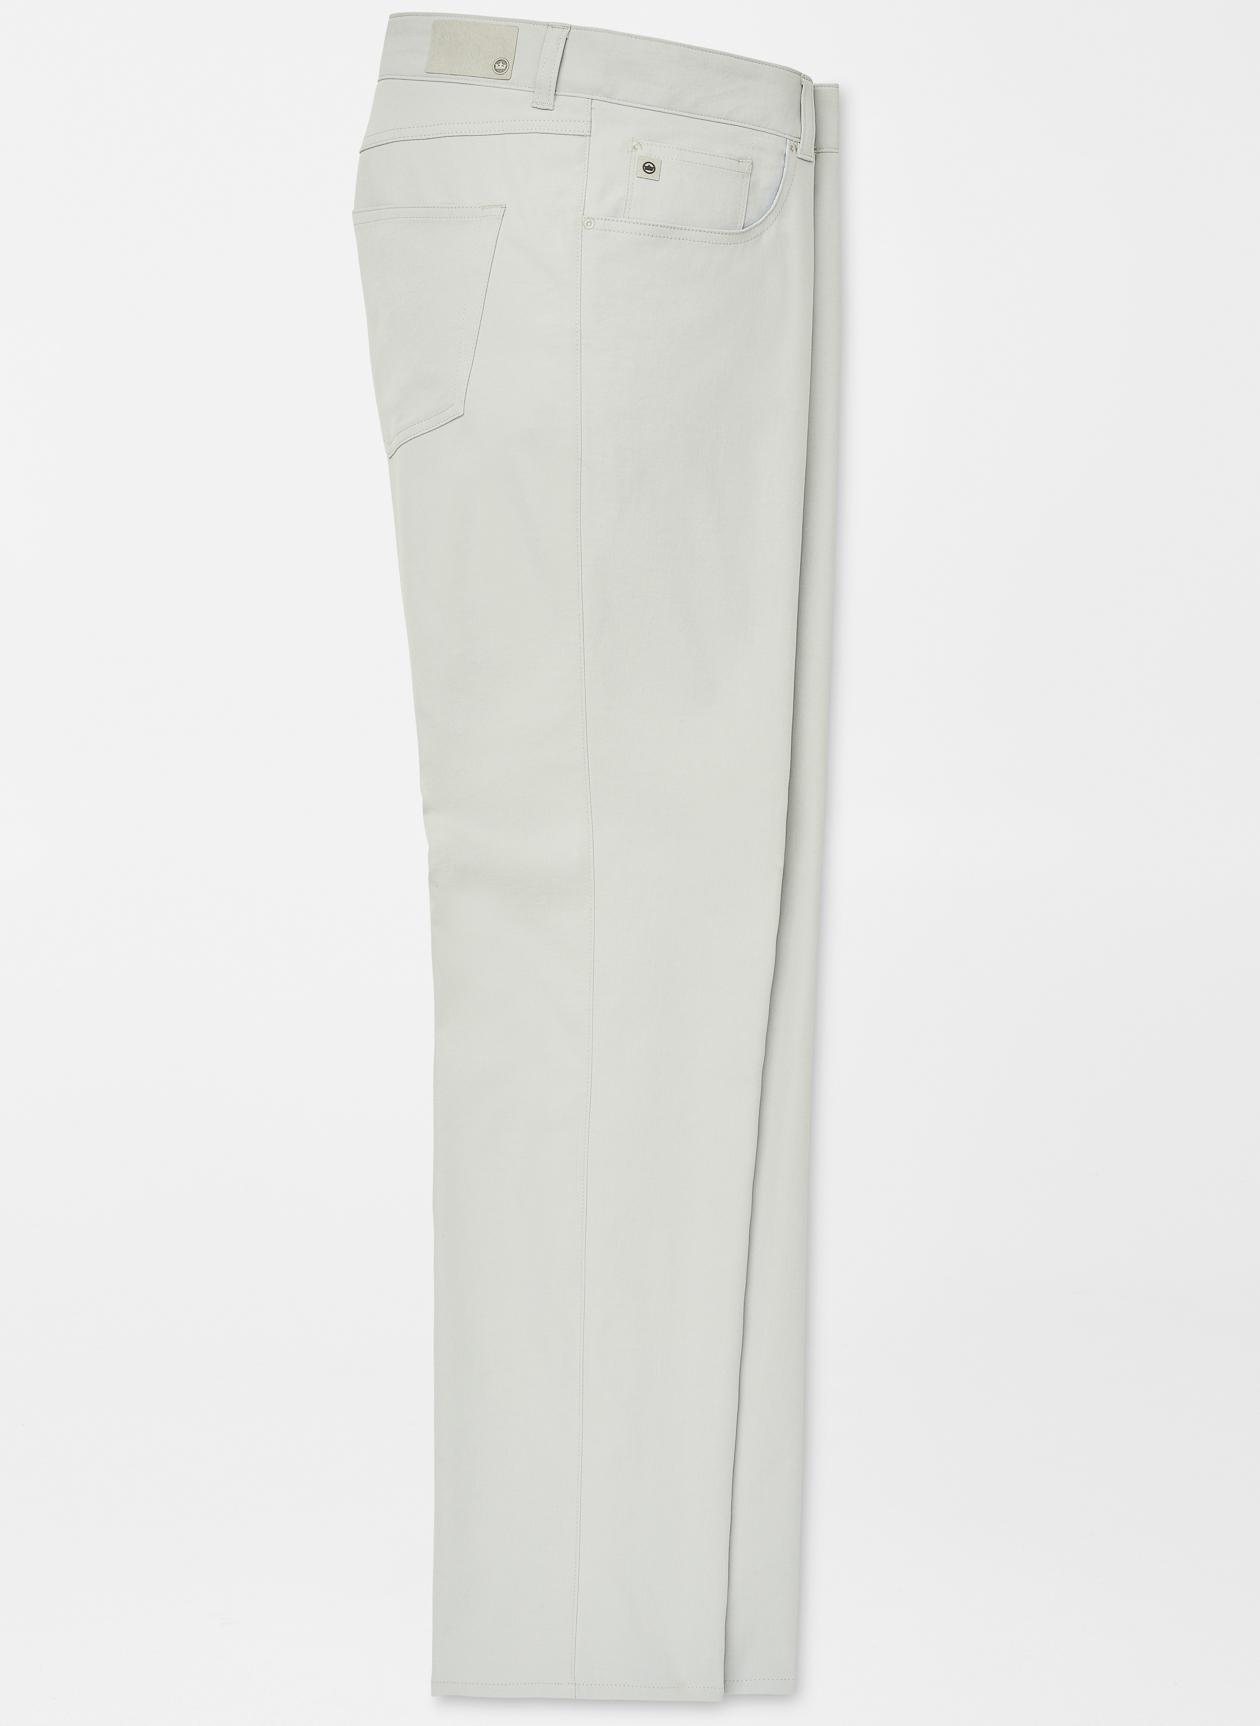 Peter Millar eb66 Performance Five-Pocket Pant in British Grey